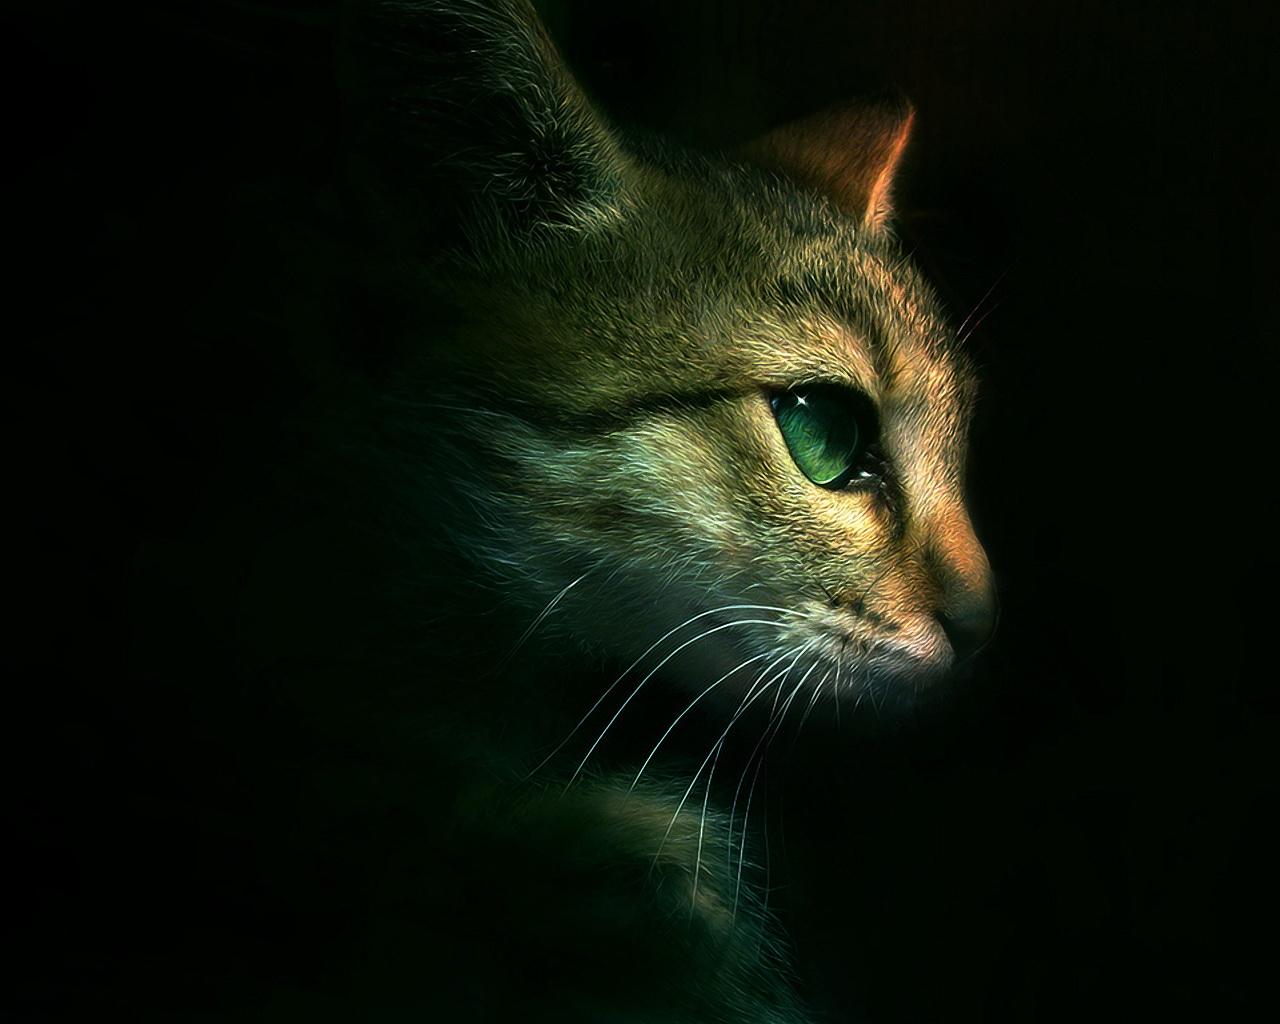 http://4.bp.blogspot.com/_YPTAJEKG950/TJAxDHPFH0I/AAAAAAAAAM0/q9KhmPU4pqI/s1600/gato_ojos_verdes_wallpaper.jpg